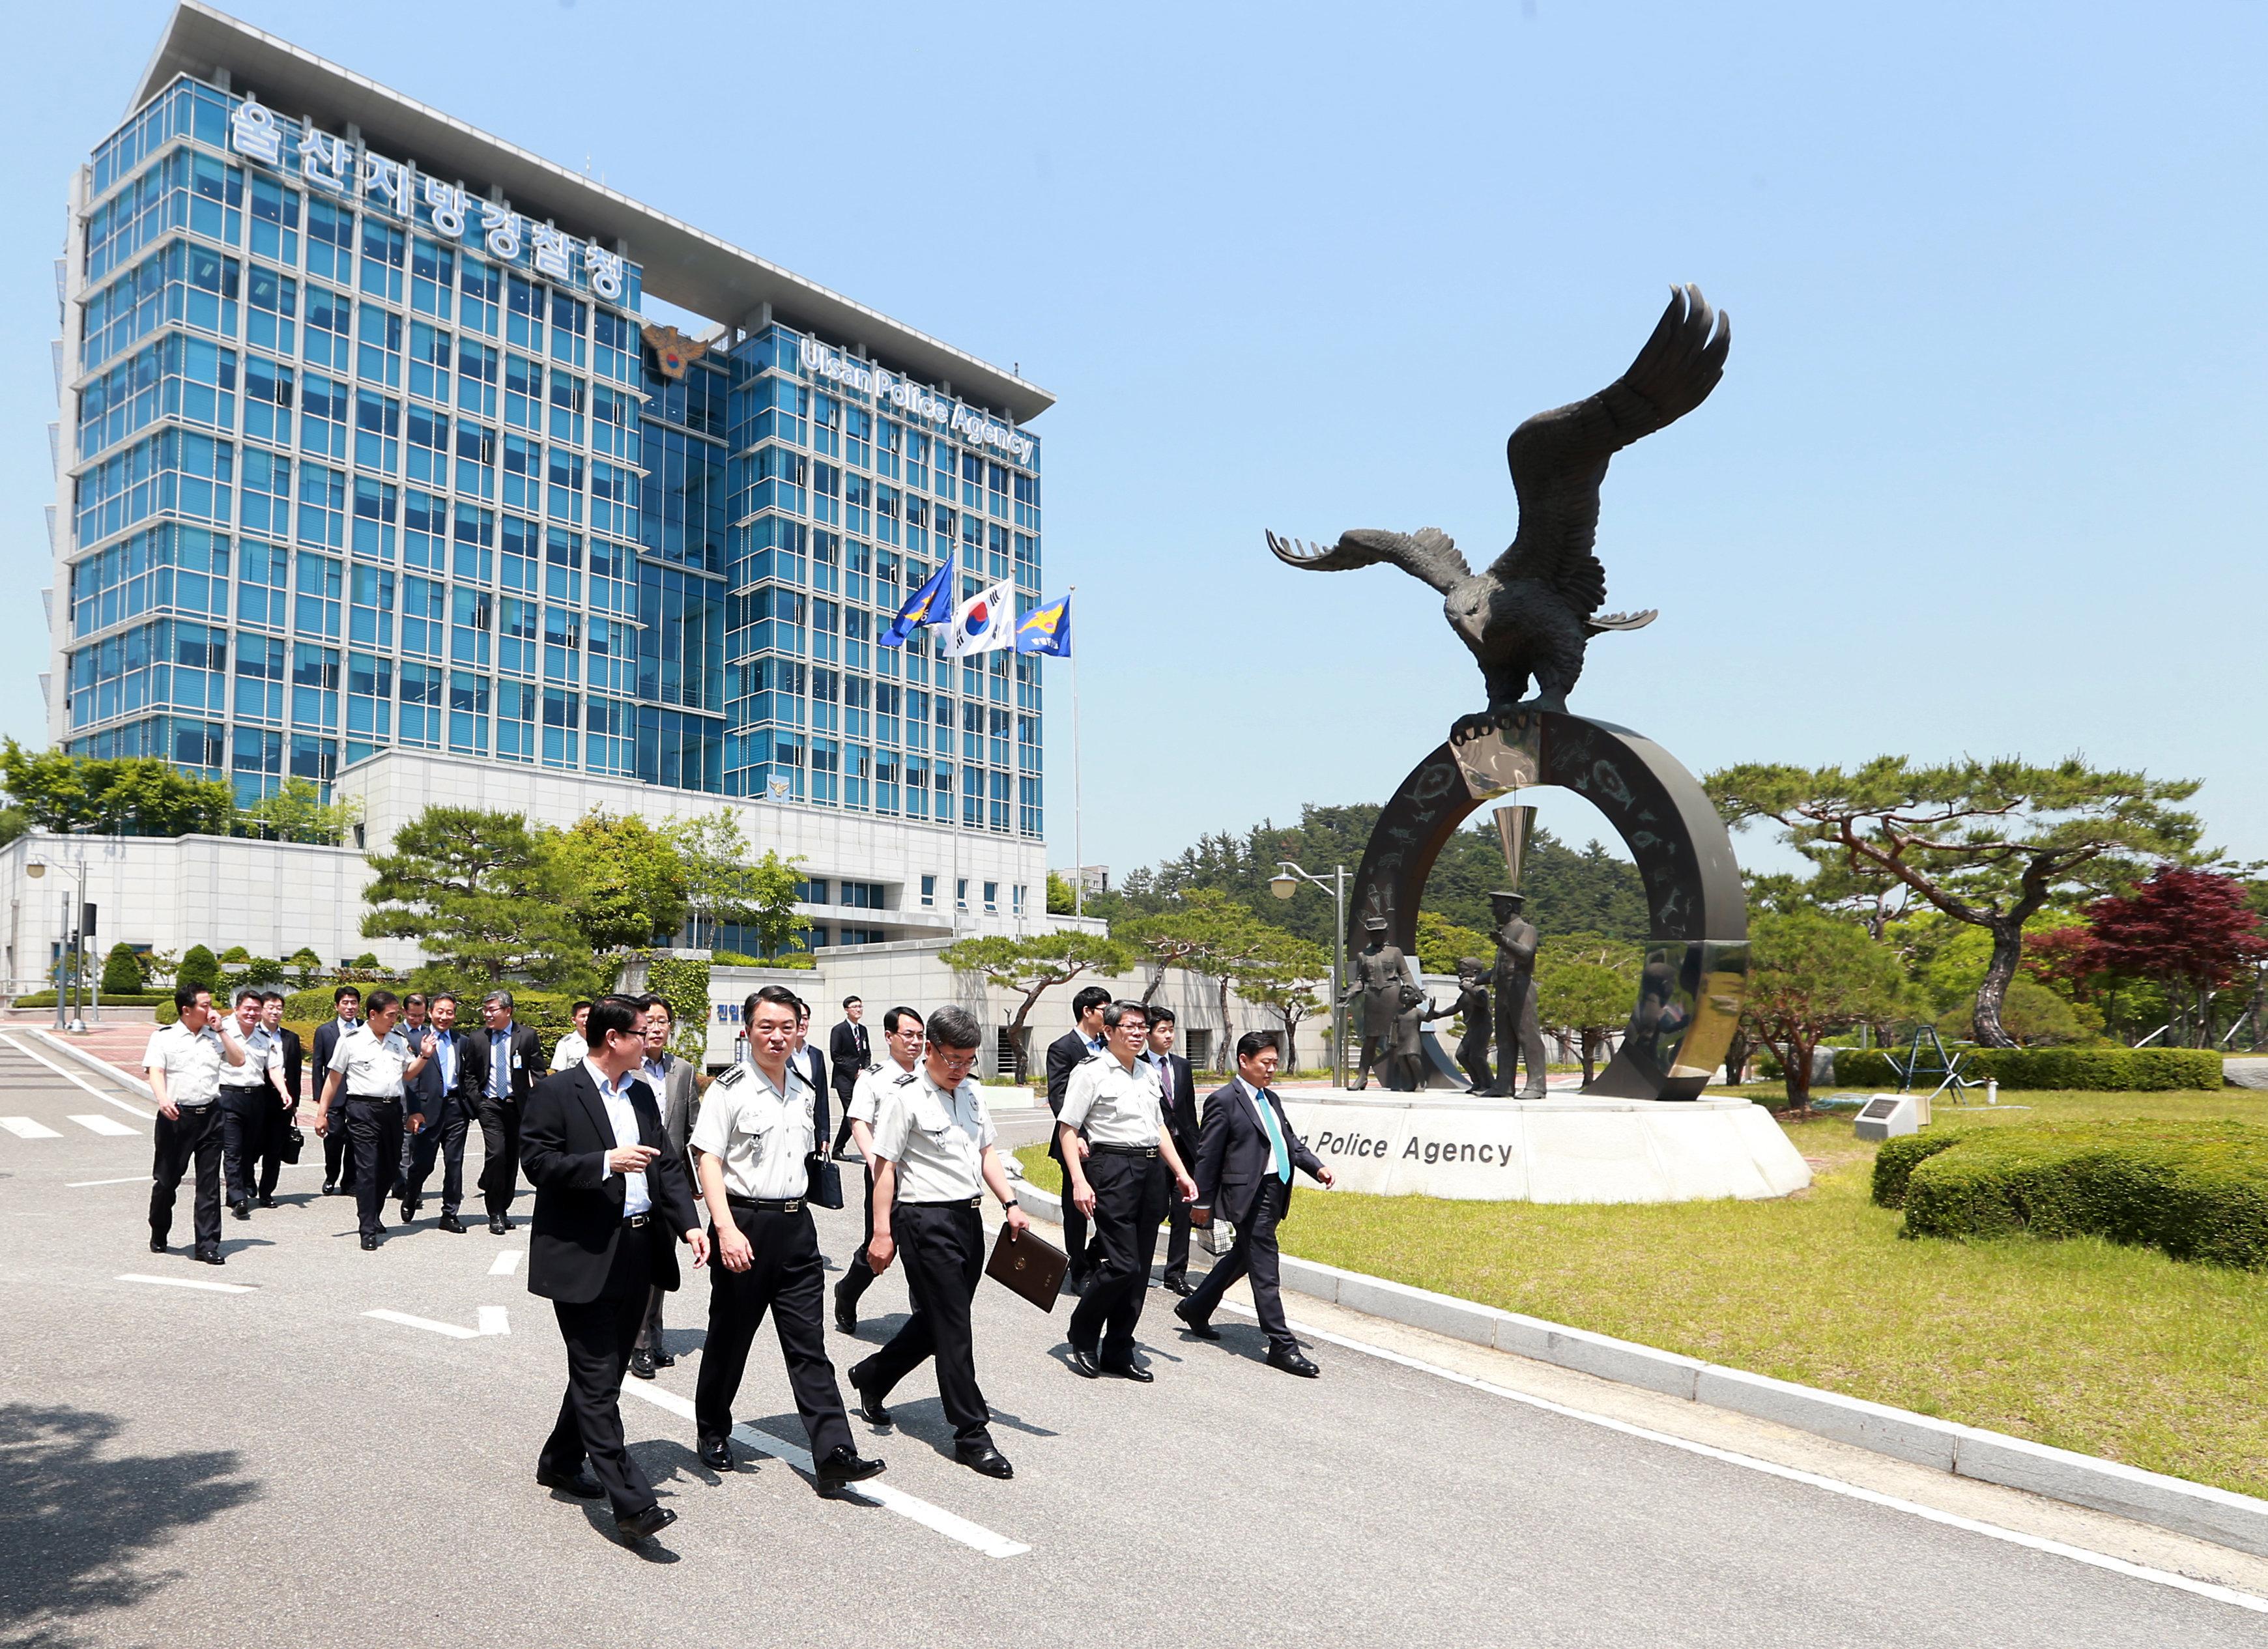 한국당의 '미친개' 발언에 대해 울산지방경찰청장이 반박에